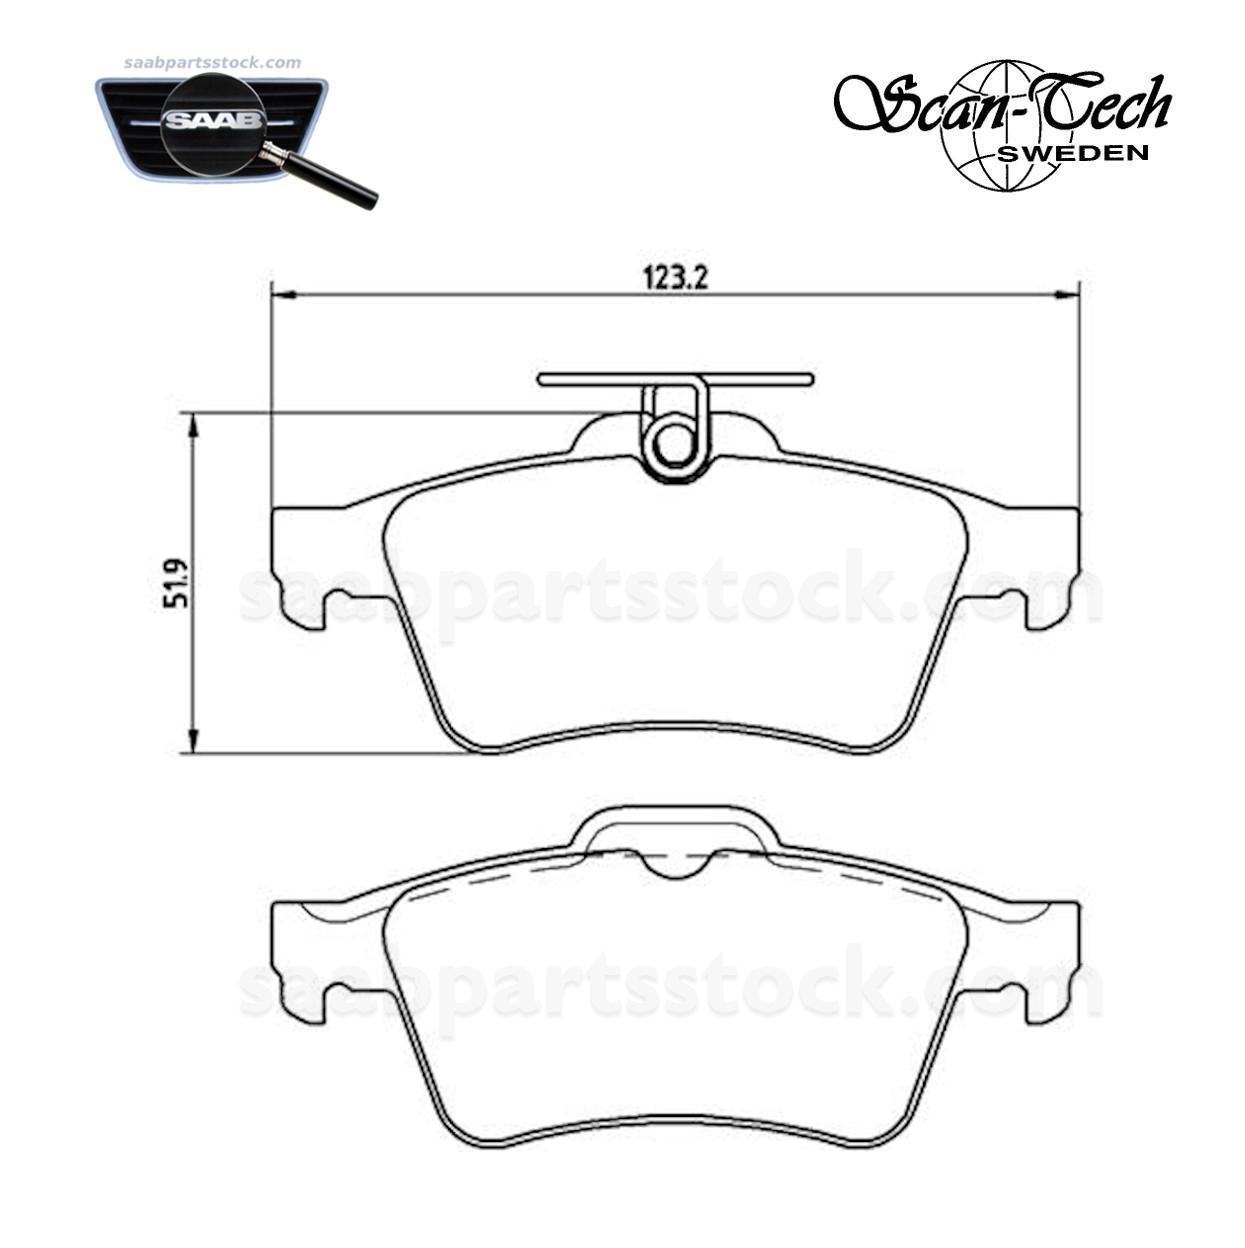 Brake pad kit, Rear SAAB, Volvo, Opel, Ford, Fiat, Renault